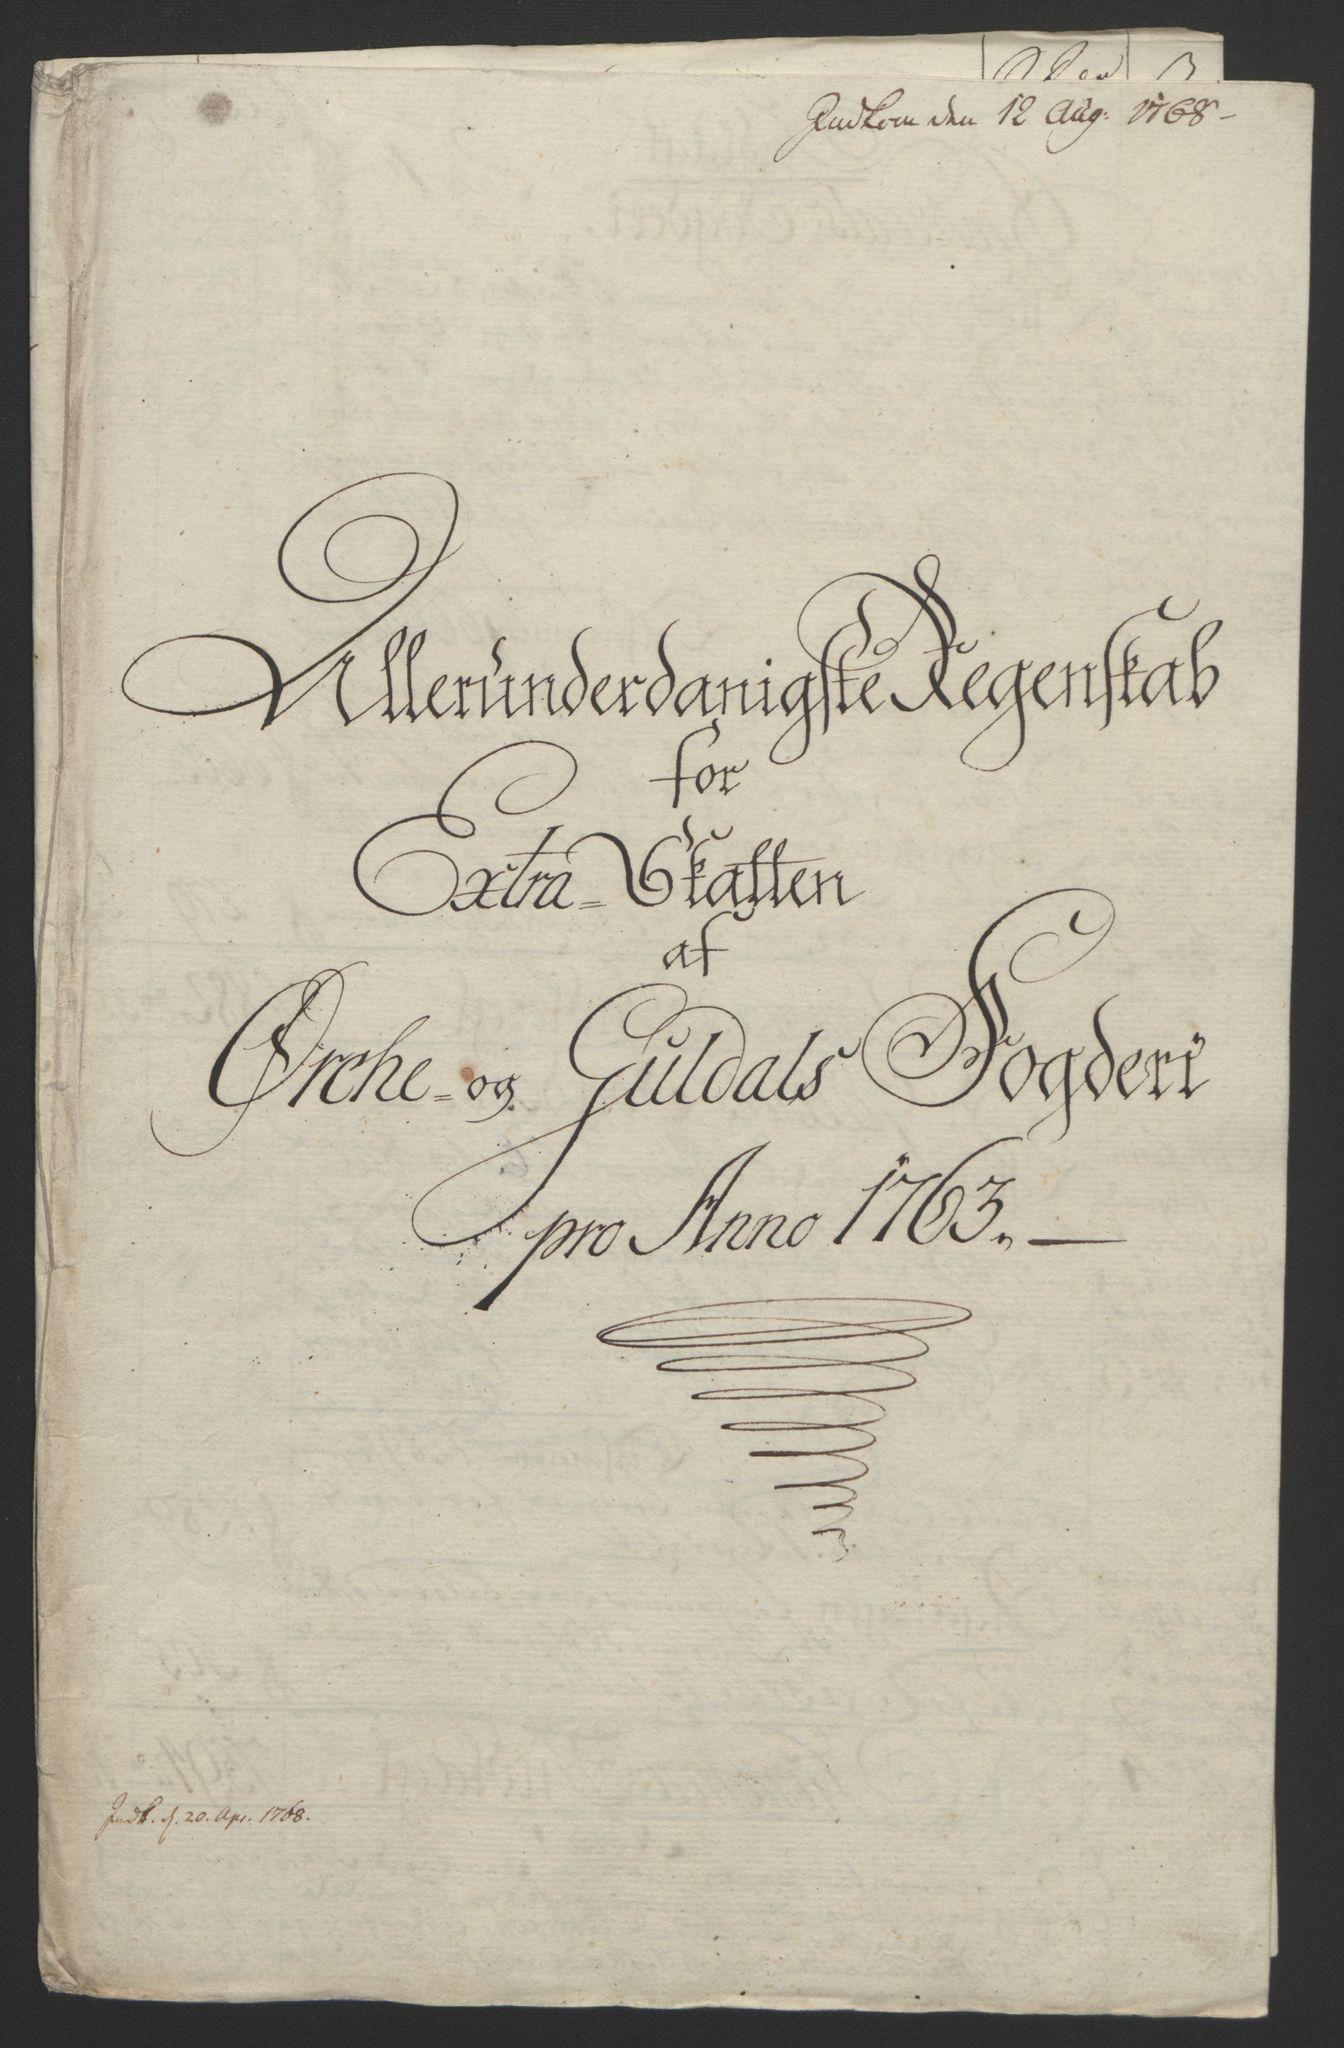 RA, Rentekammeret inntil 1814, Reviderte regnskaper, Fogderegnskap, R60/L4094: Ekstraskatten Orkdal og Gauldal, 1762-1765, s. 77